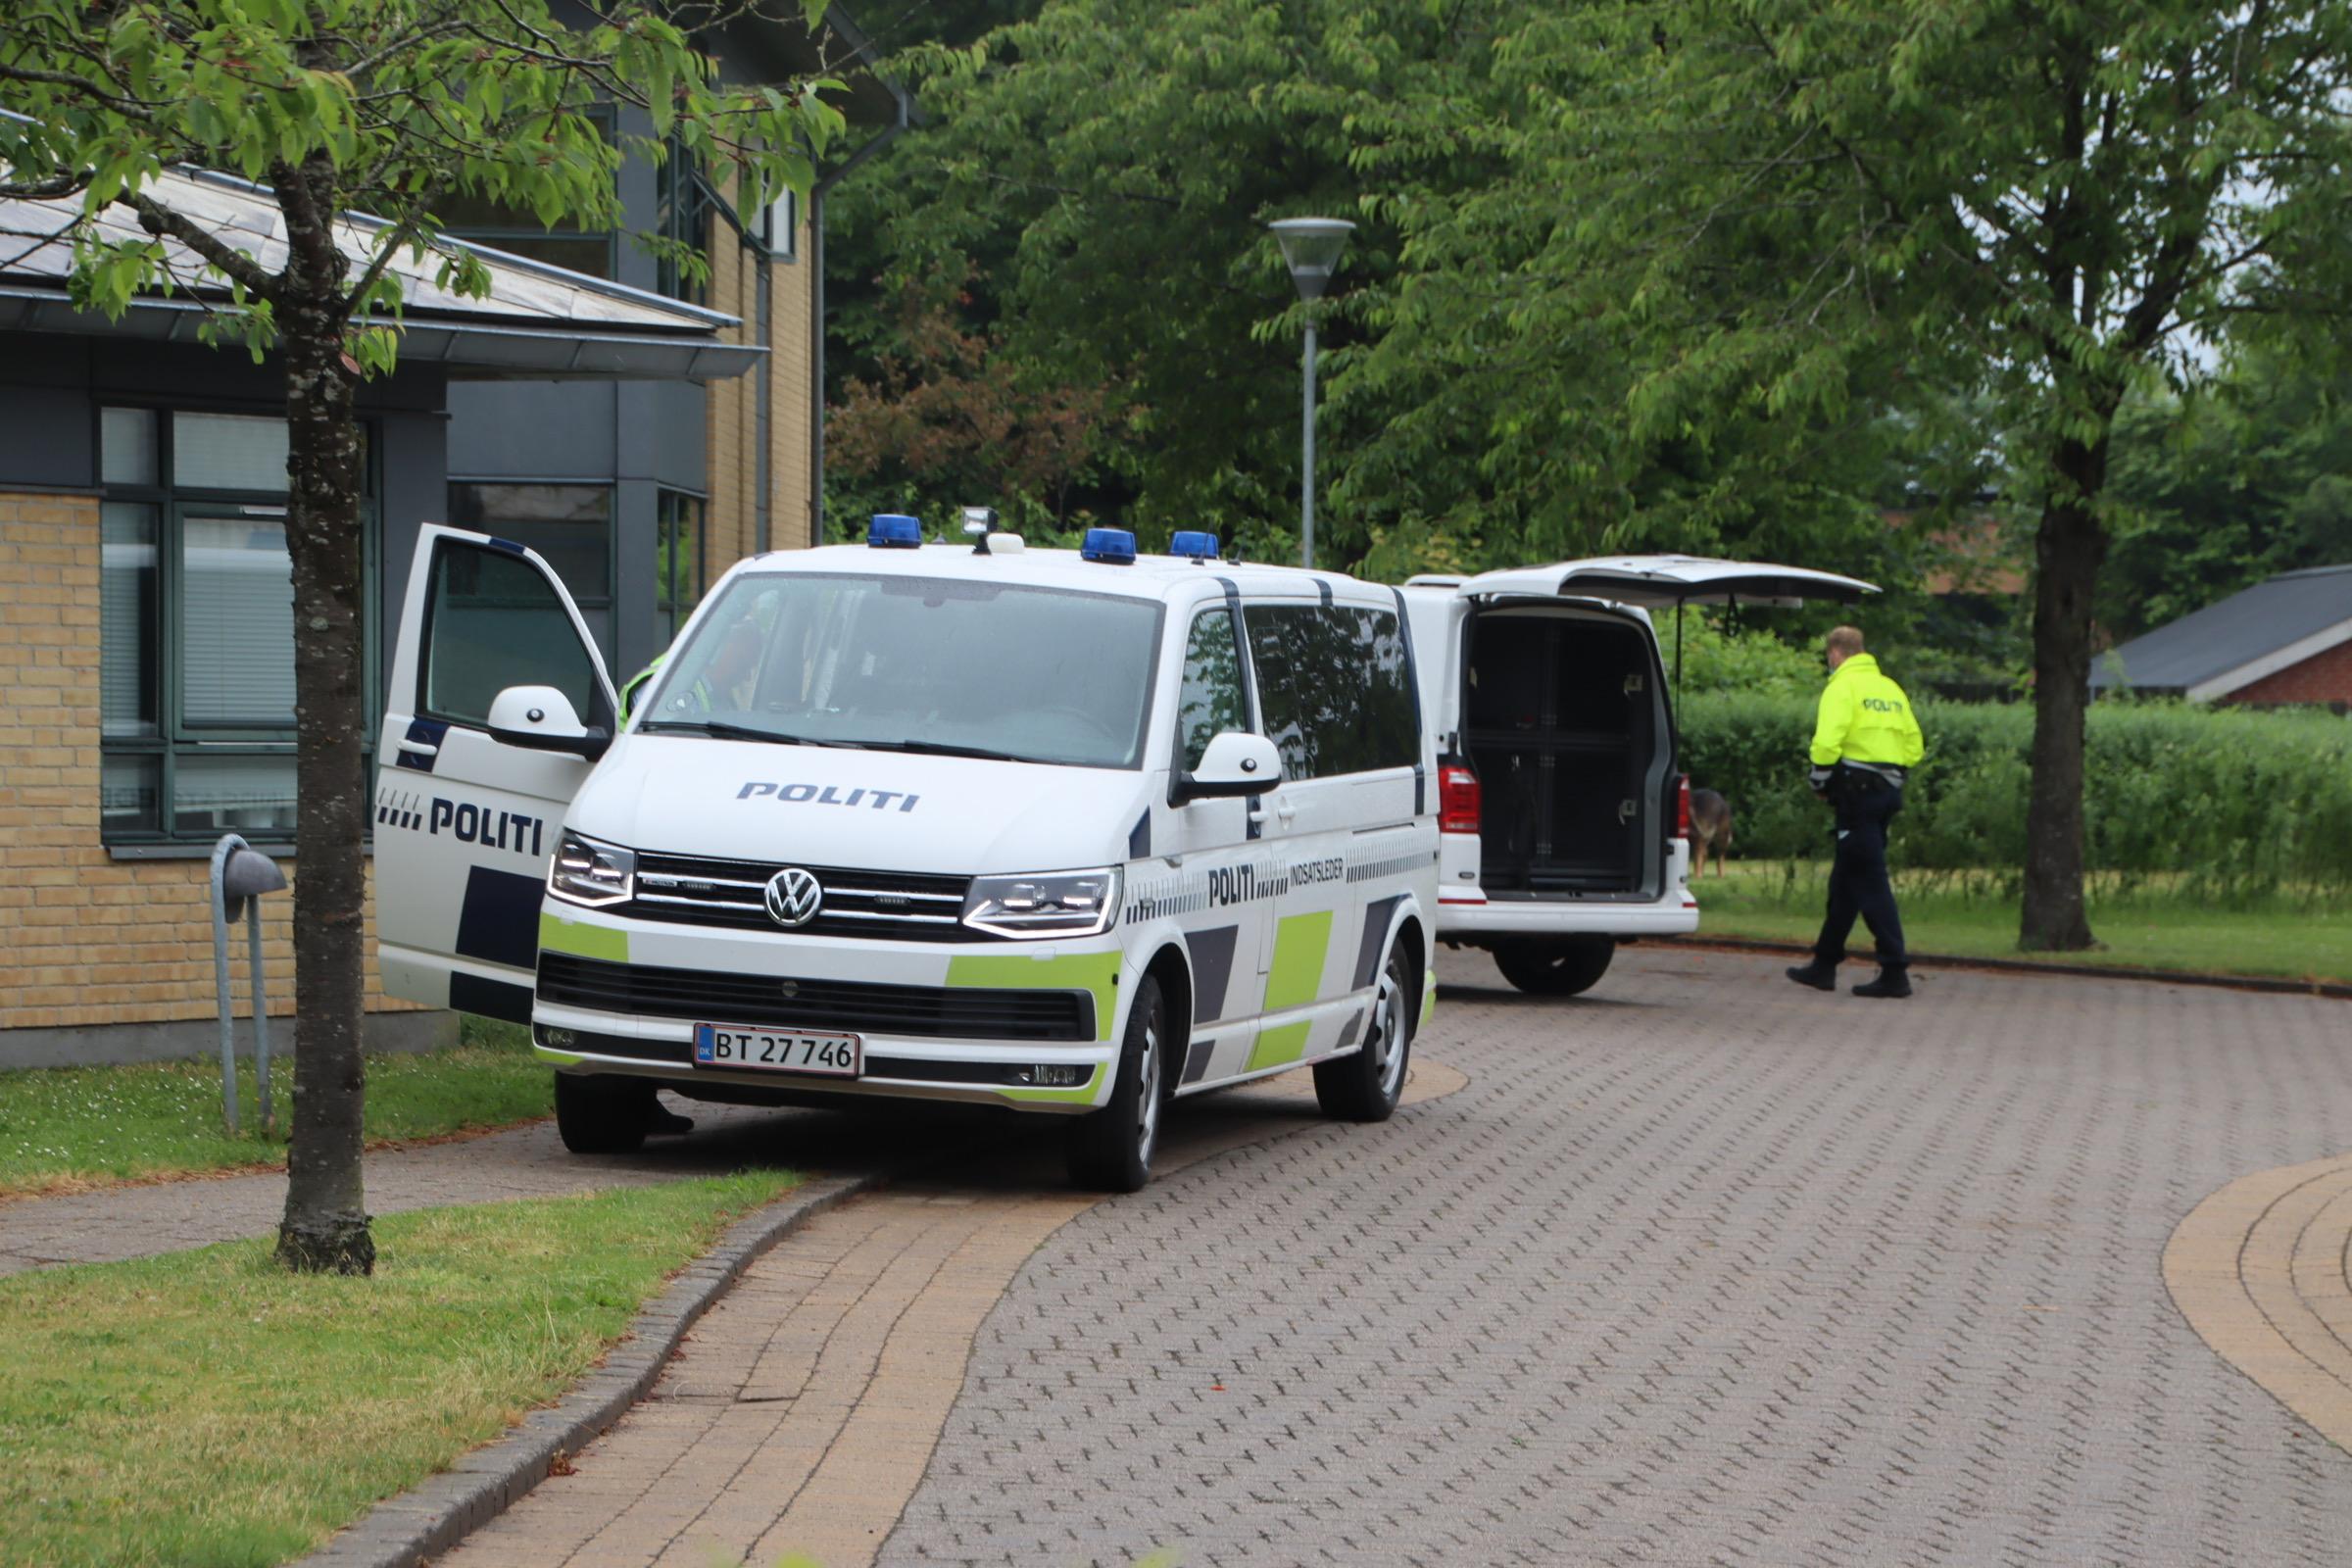 Større politiaktion i Højbjerg - Aarhus